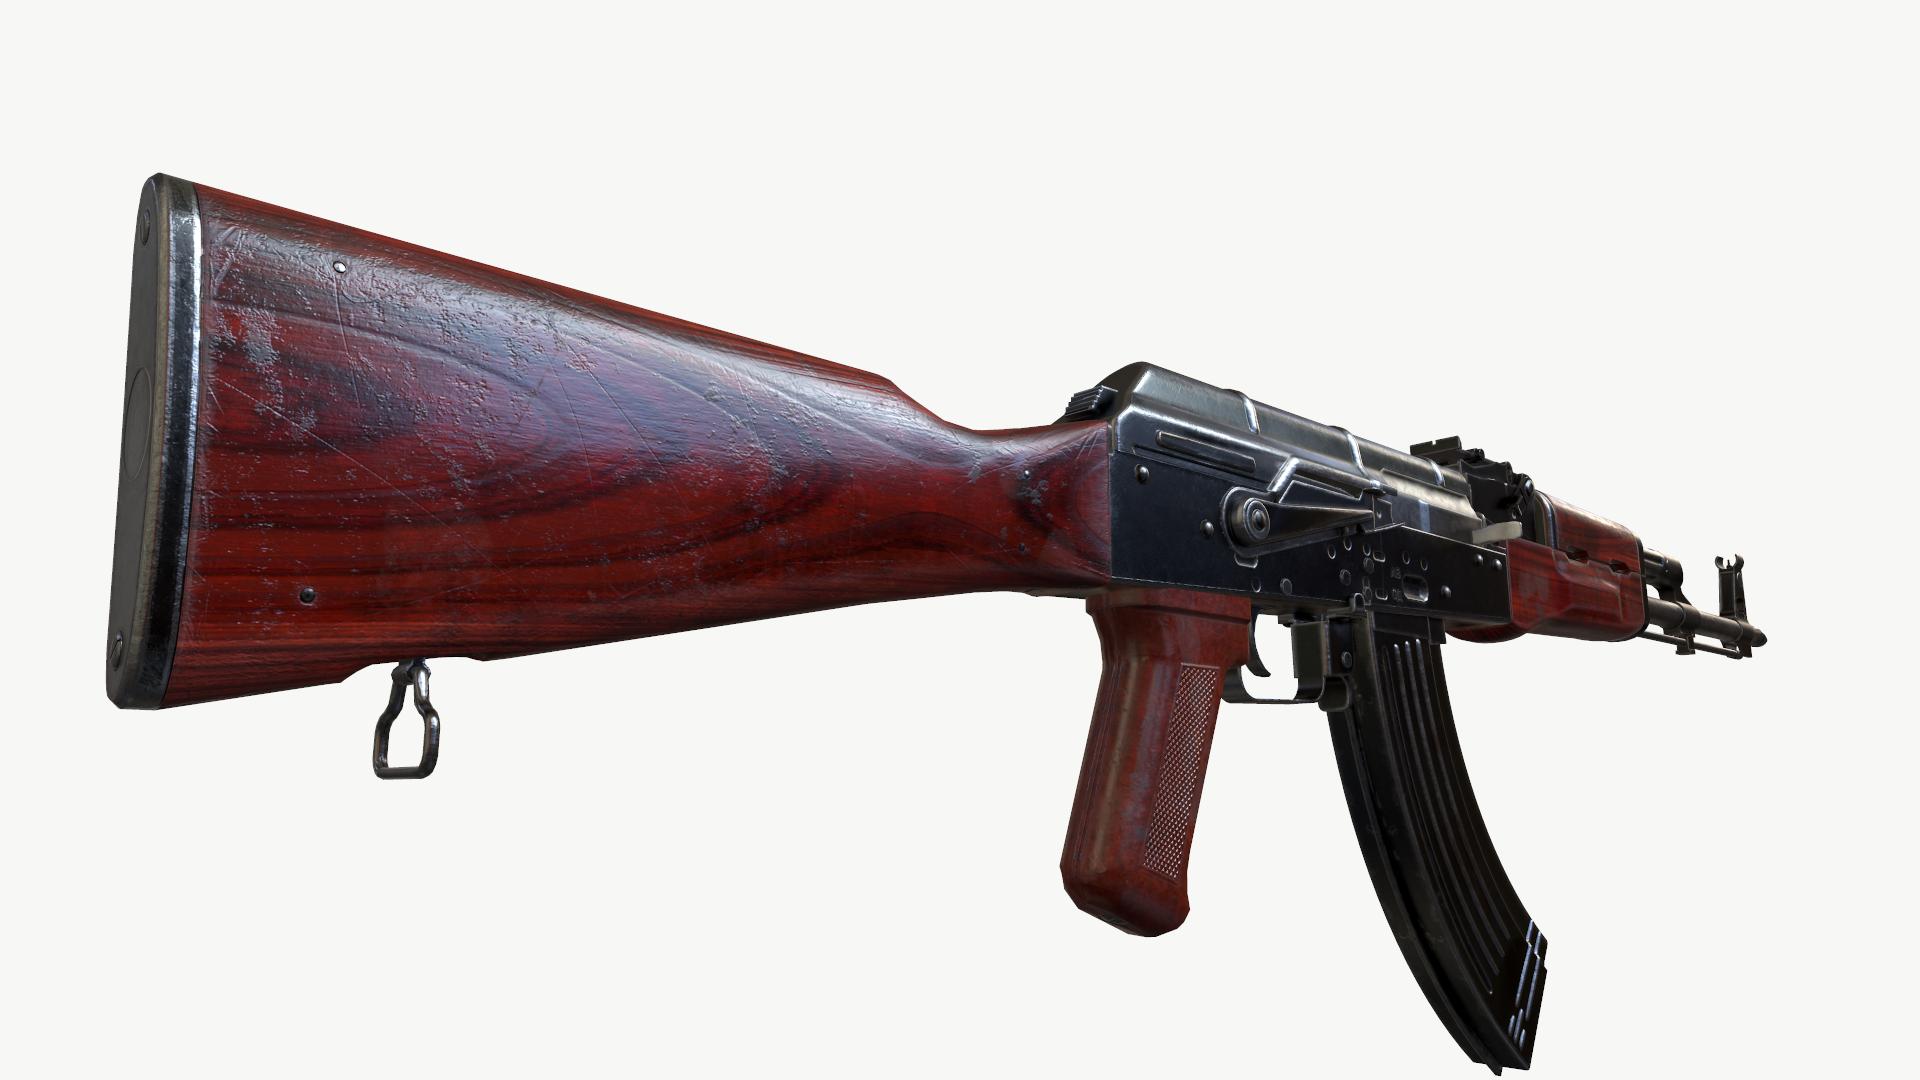 AKM (AK-47 AK-74) By Pshnka